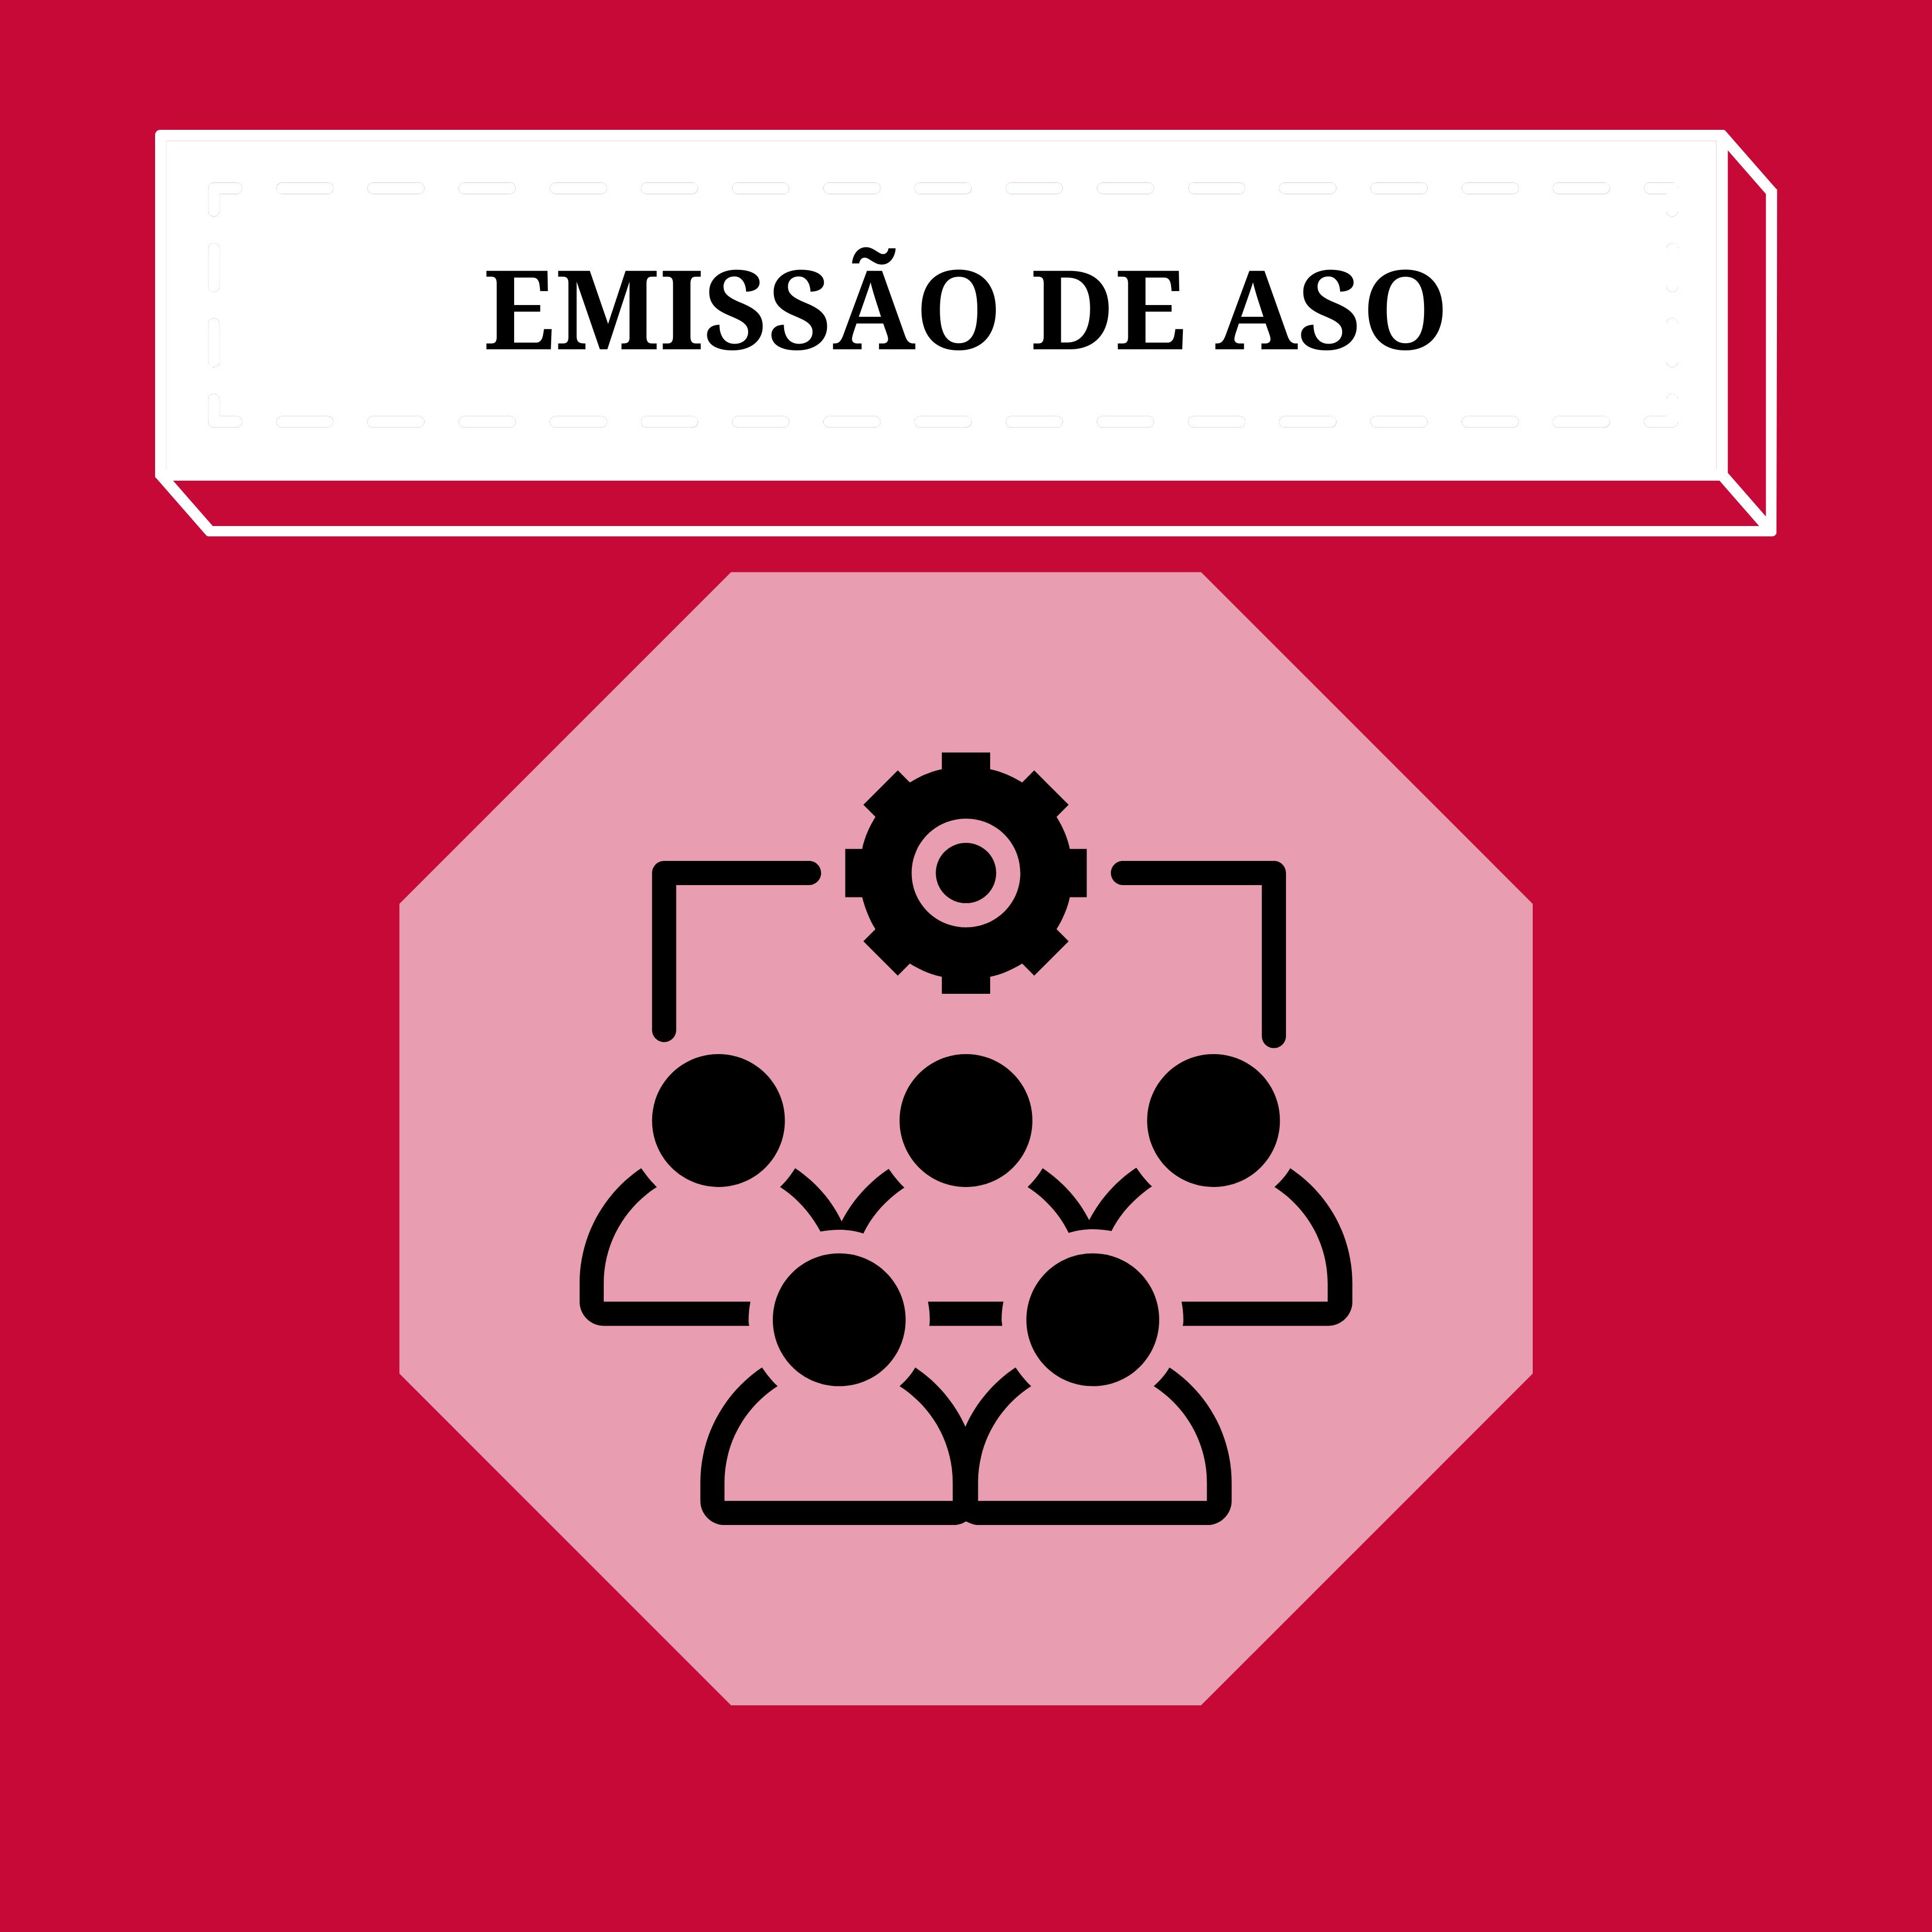 Formulário para emissão de ASO